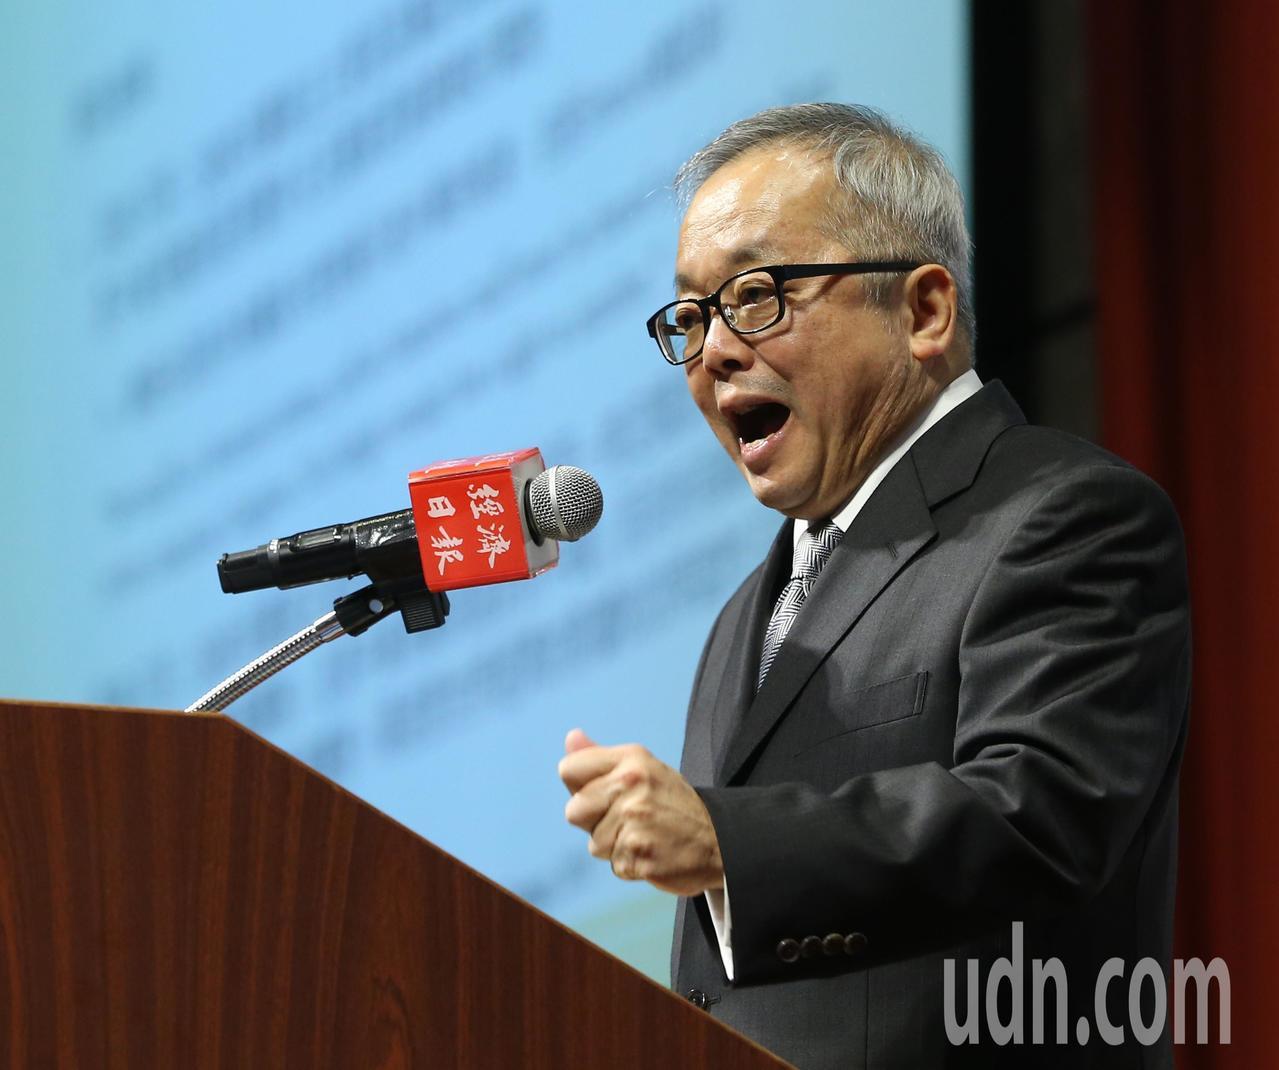 行政院副院長施俊吉上午出席「2019經濟投資展望論壇」。記者林澔一/攝影